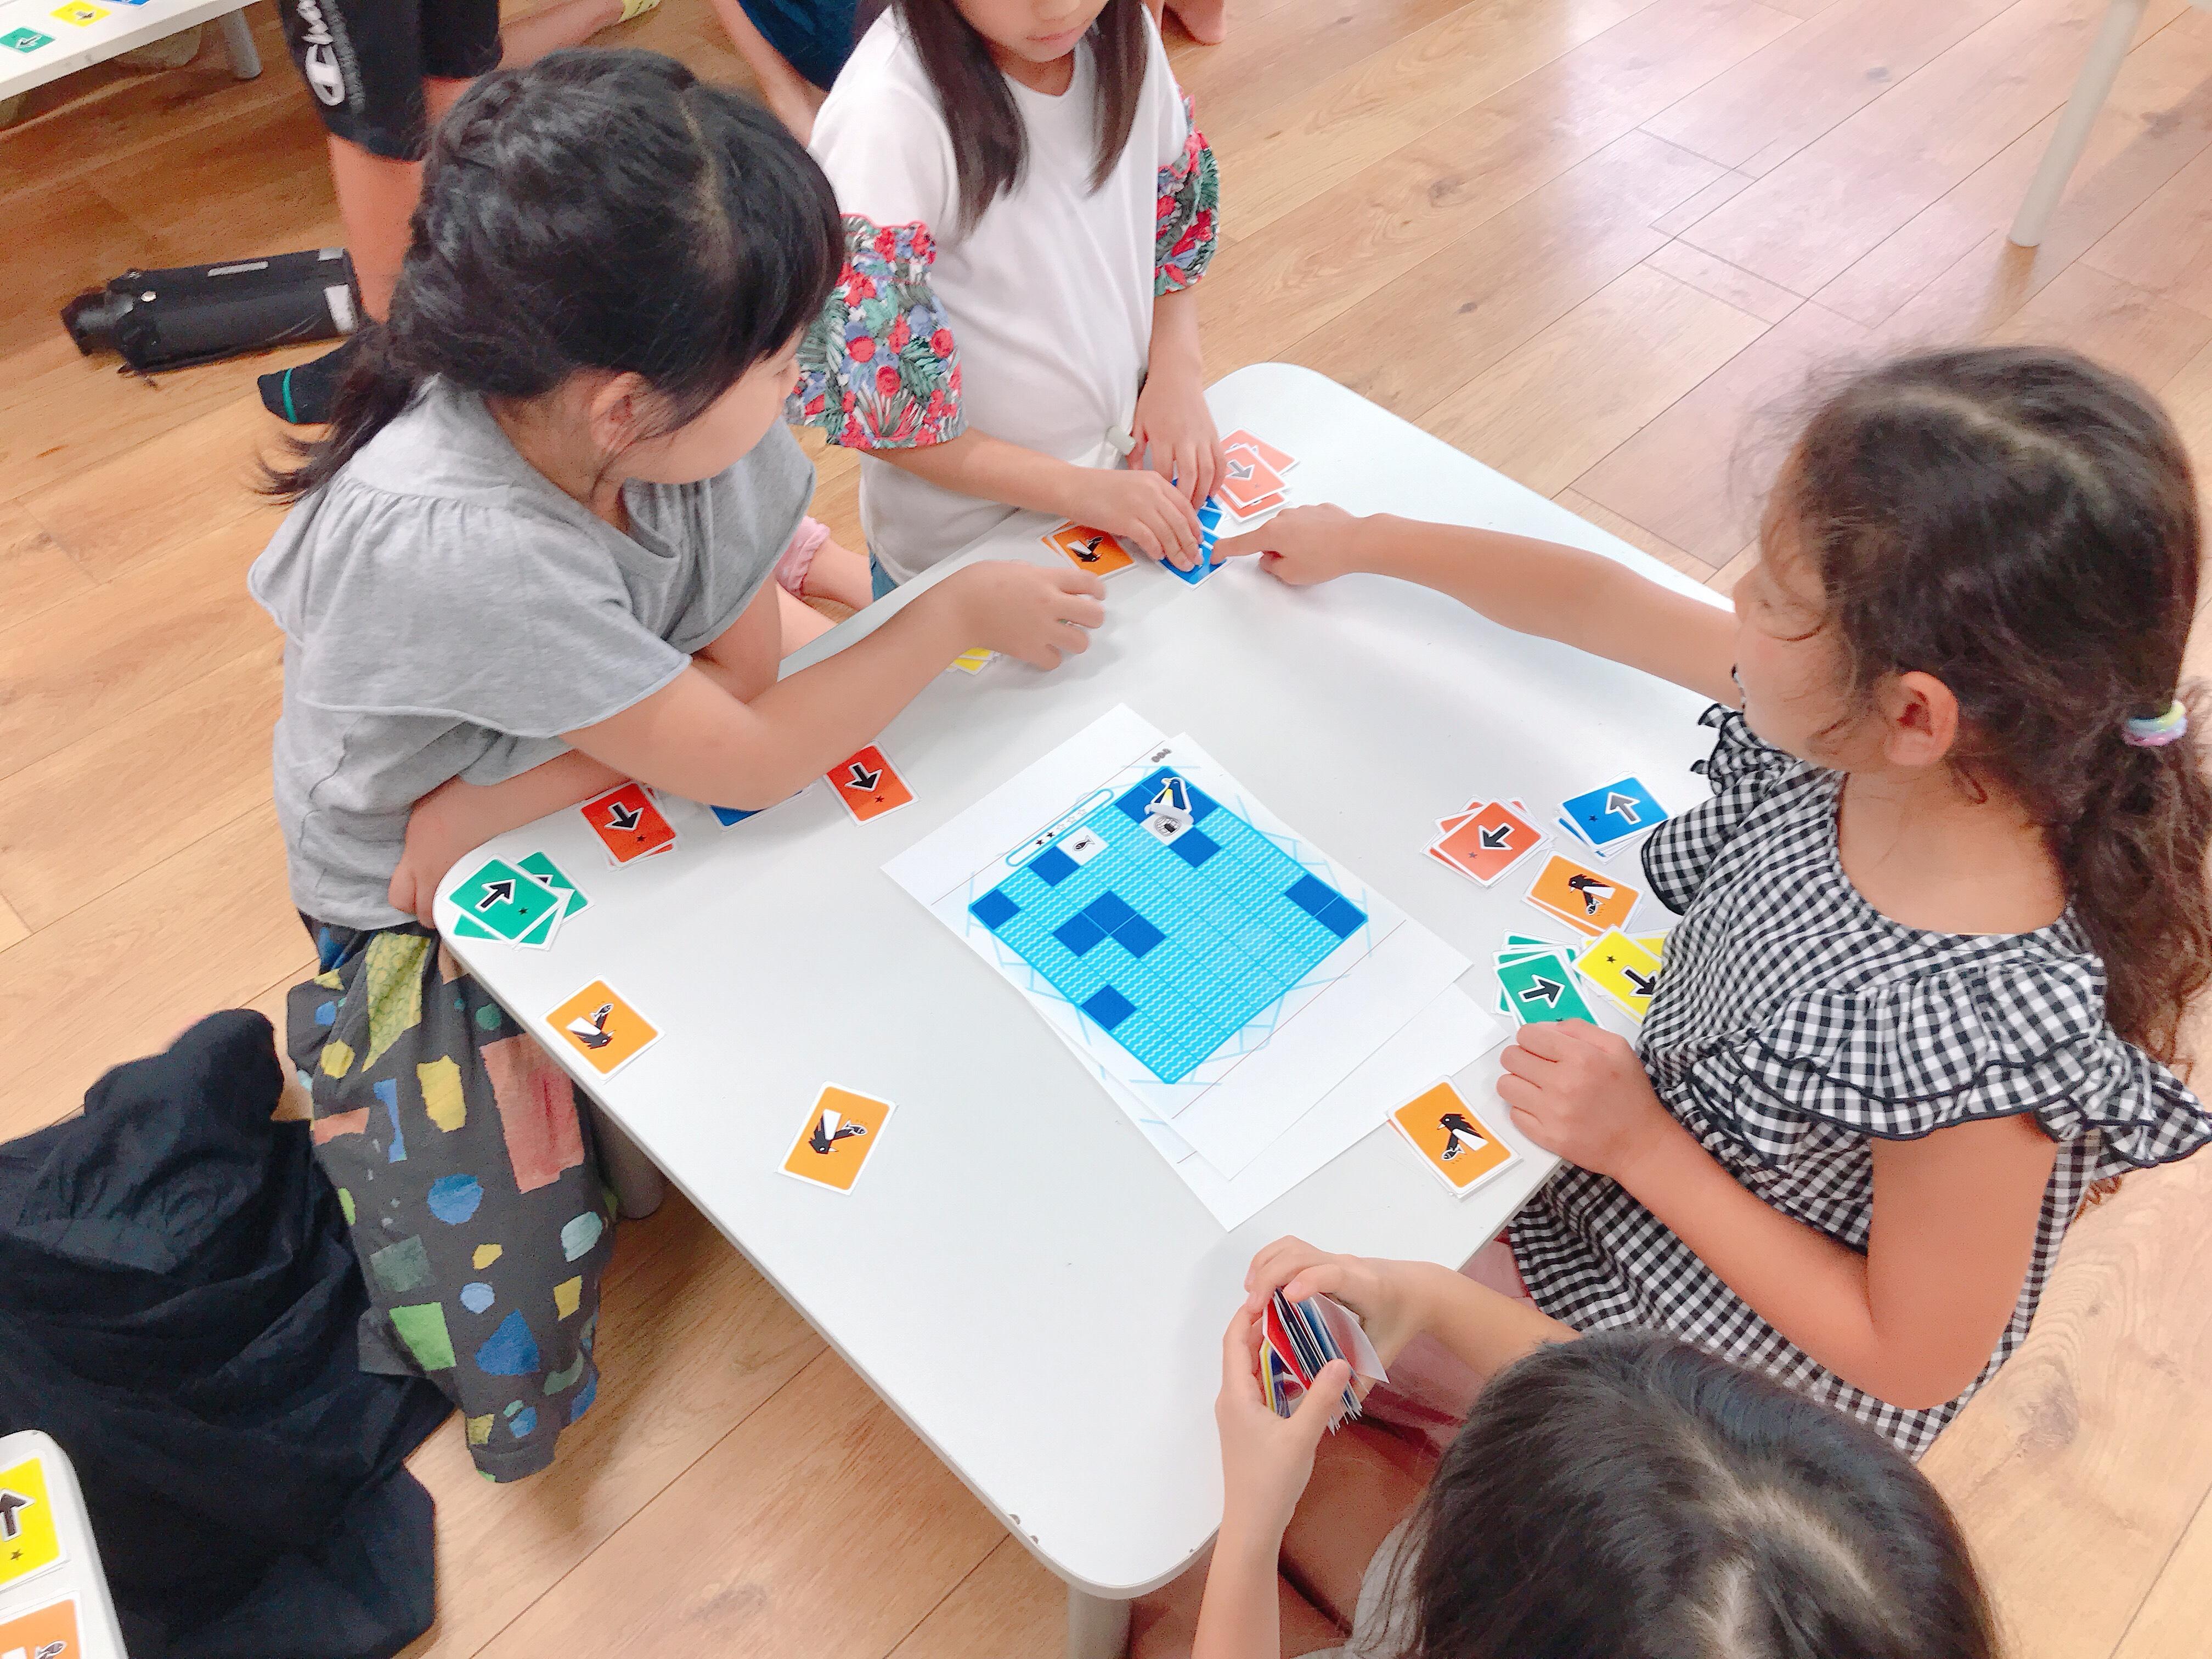 子供たちがクール・プログラミングで遊ぶ様子